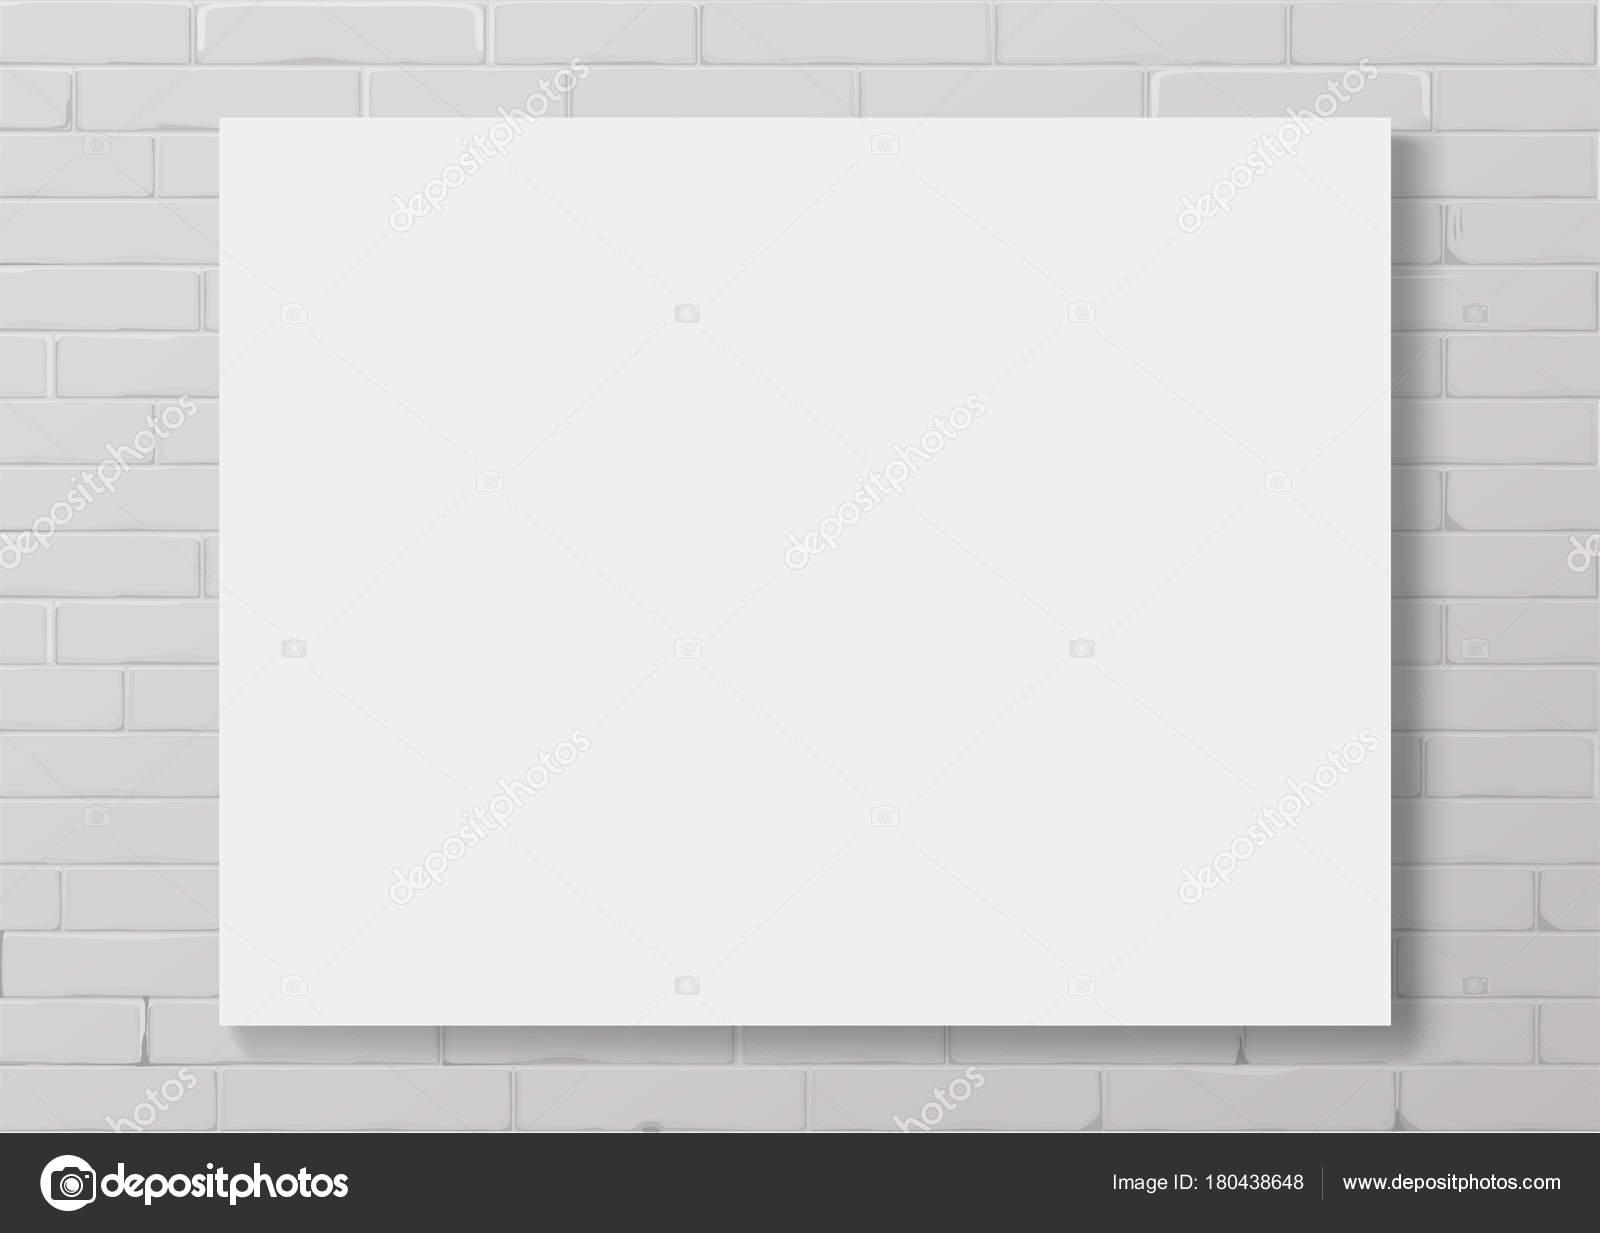 Marco vacío blanco horizontal — Vector de stock © denisik11 #180438648